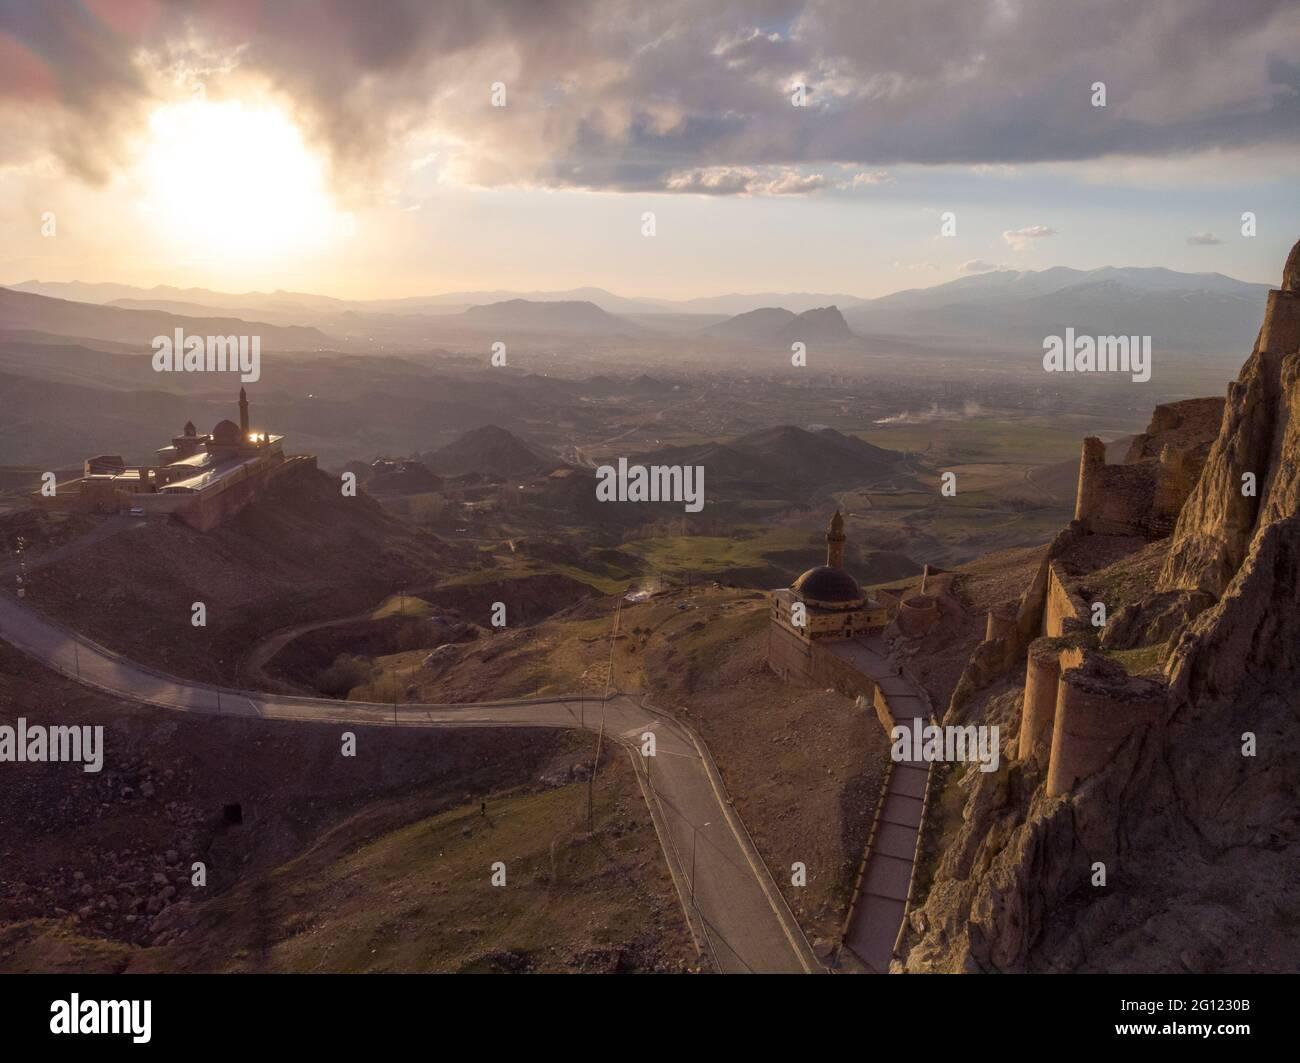 Fantásticas vistas aéreas espectaculares de las ruinas del castillo de Dogubayazit, construido en la montaña cerca de Eski Bayezid Cami y el Palacio Ishak Pasha Foto de stock